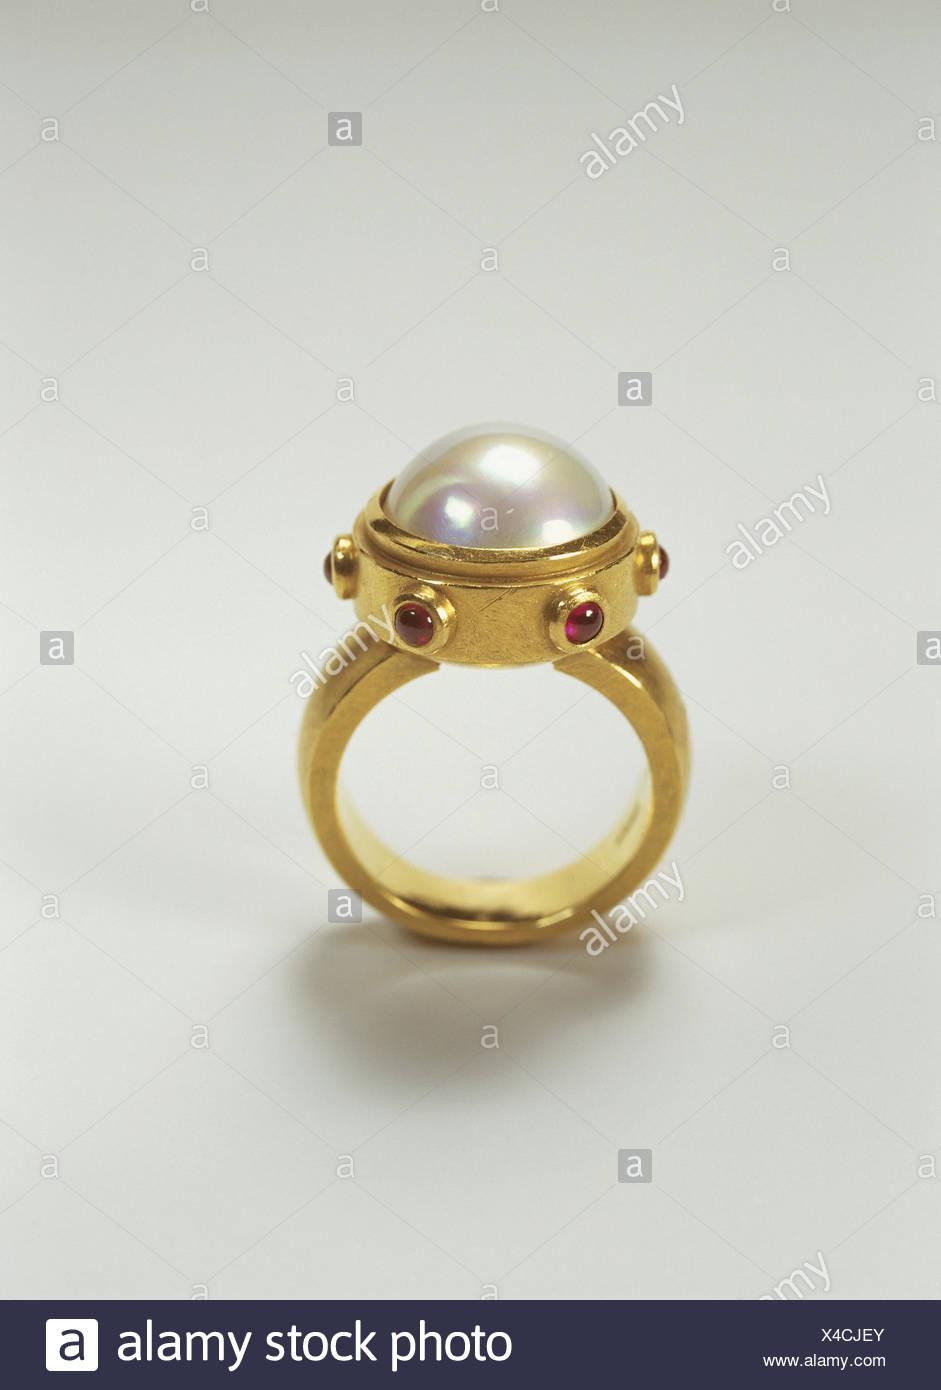 aa8a76f3c2b9 Anillo de oro